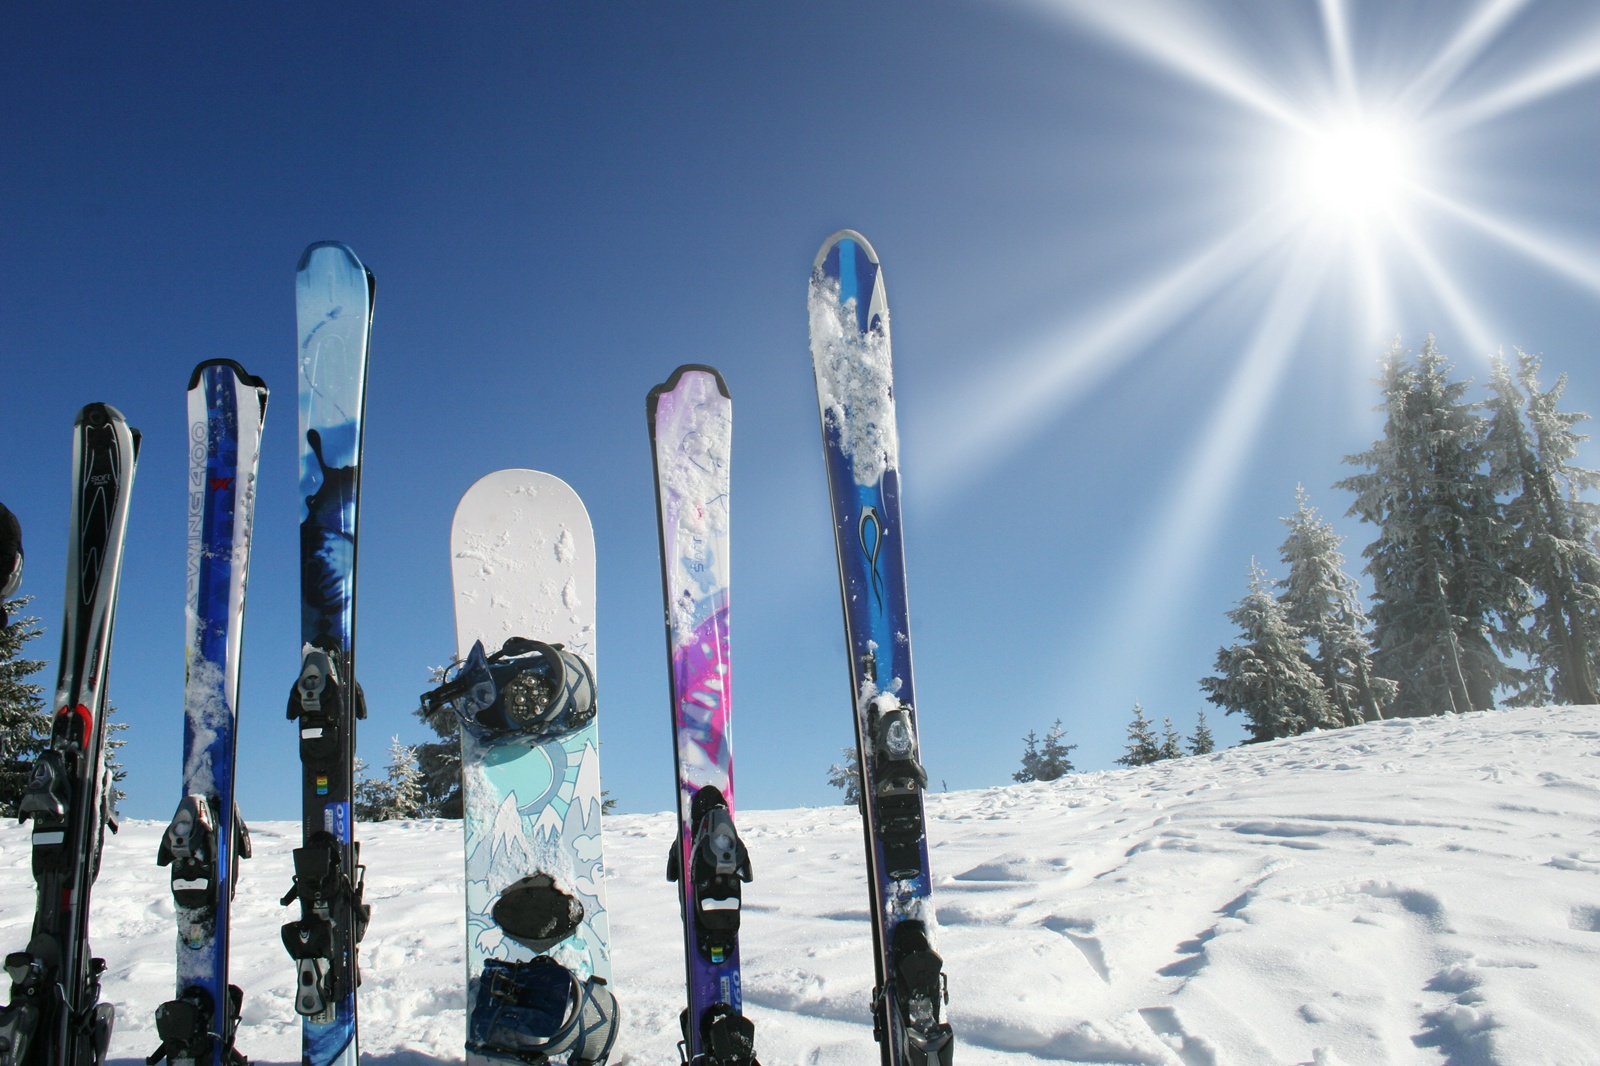 Jak przygotować narty do sezonu? Podpowiadamy!